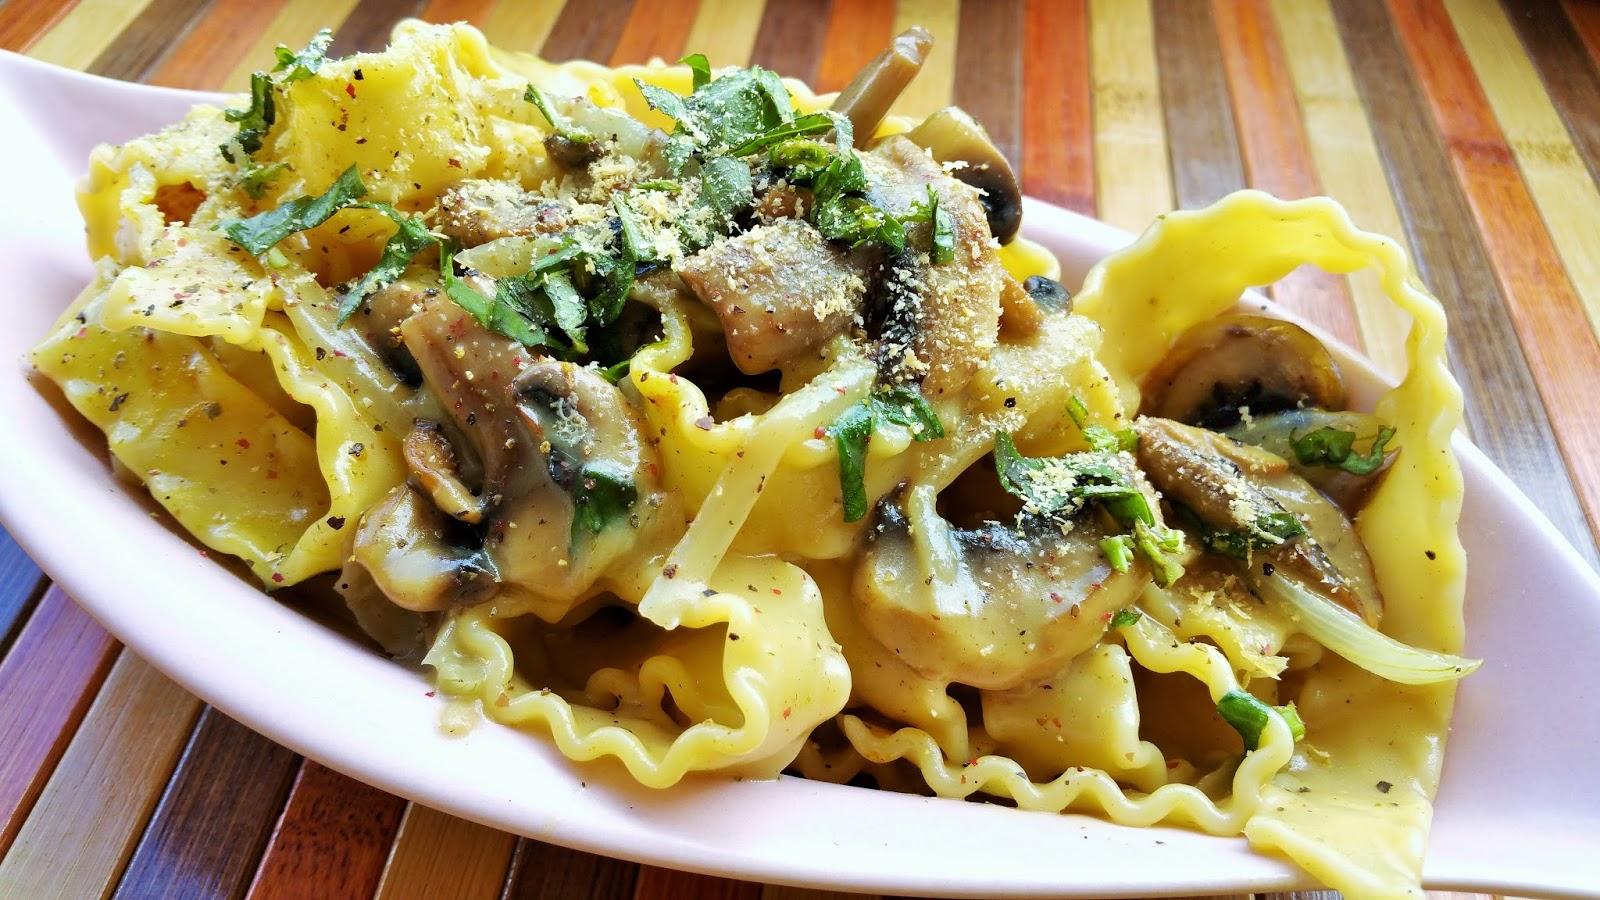 Vegspiration blog de inspiraci n vegana pasta con salsa - Salsas para pasta con nata ...